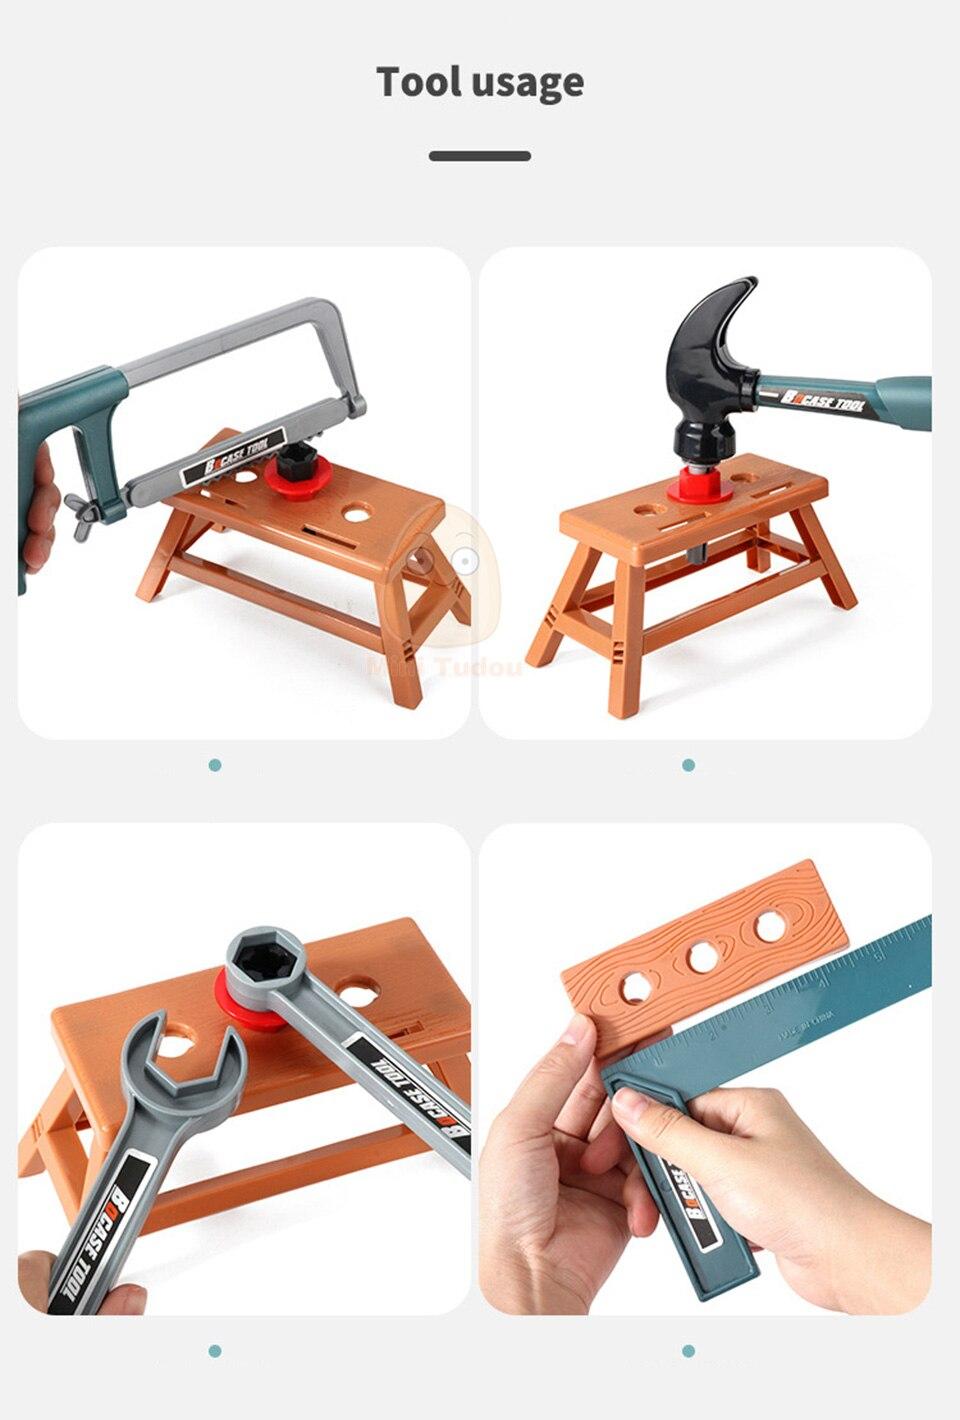 para crianças aprendendo a desmontar brinquedos educativos para meninos e meninas